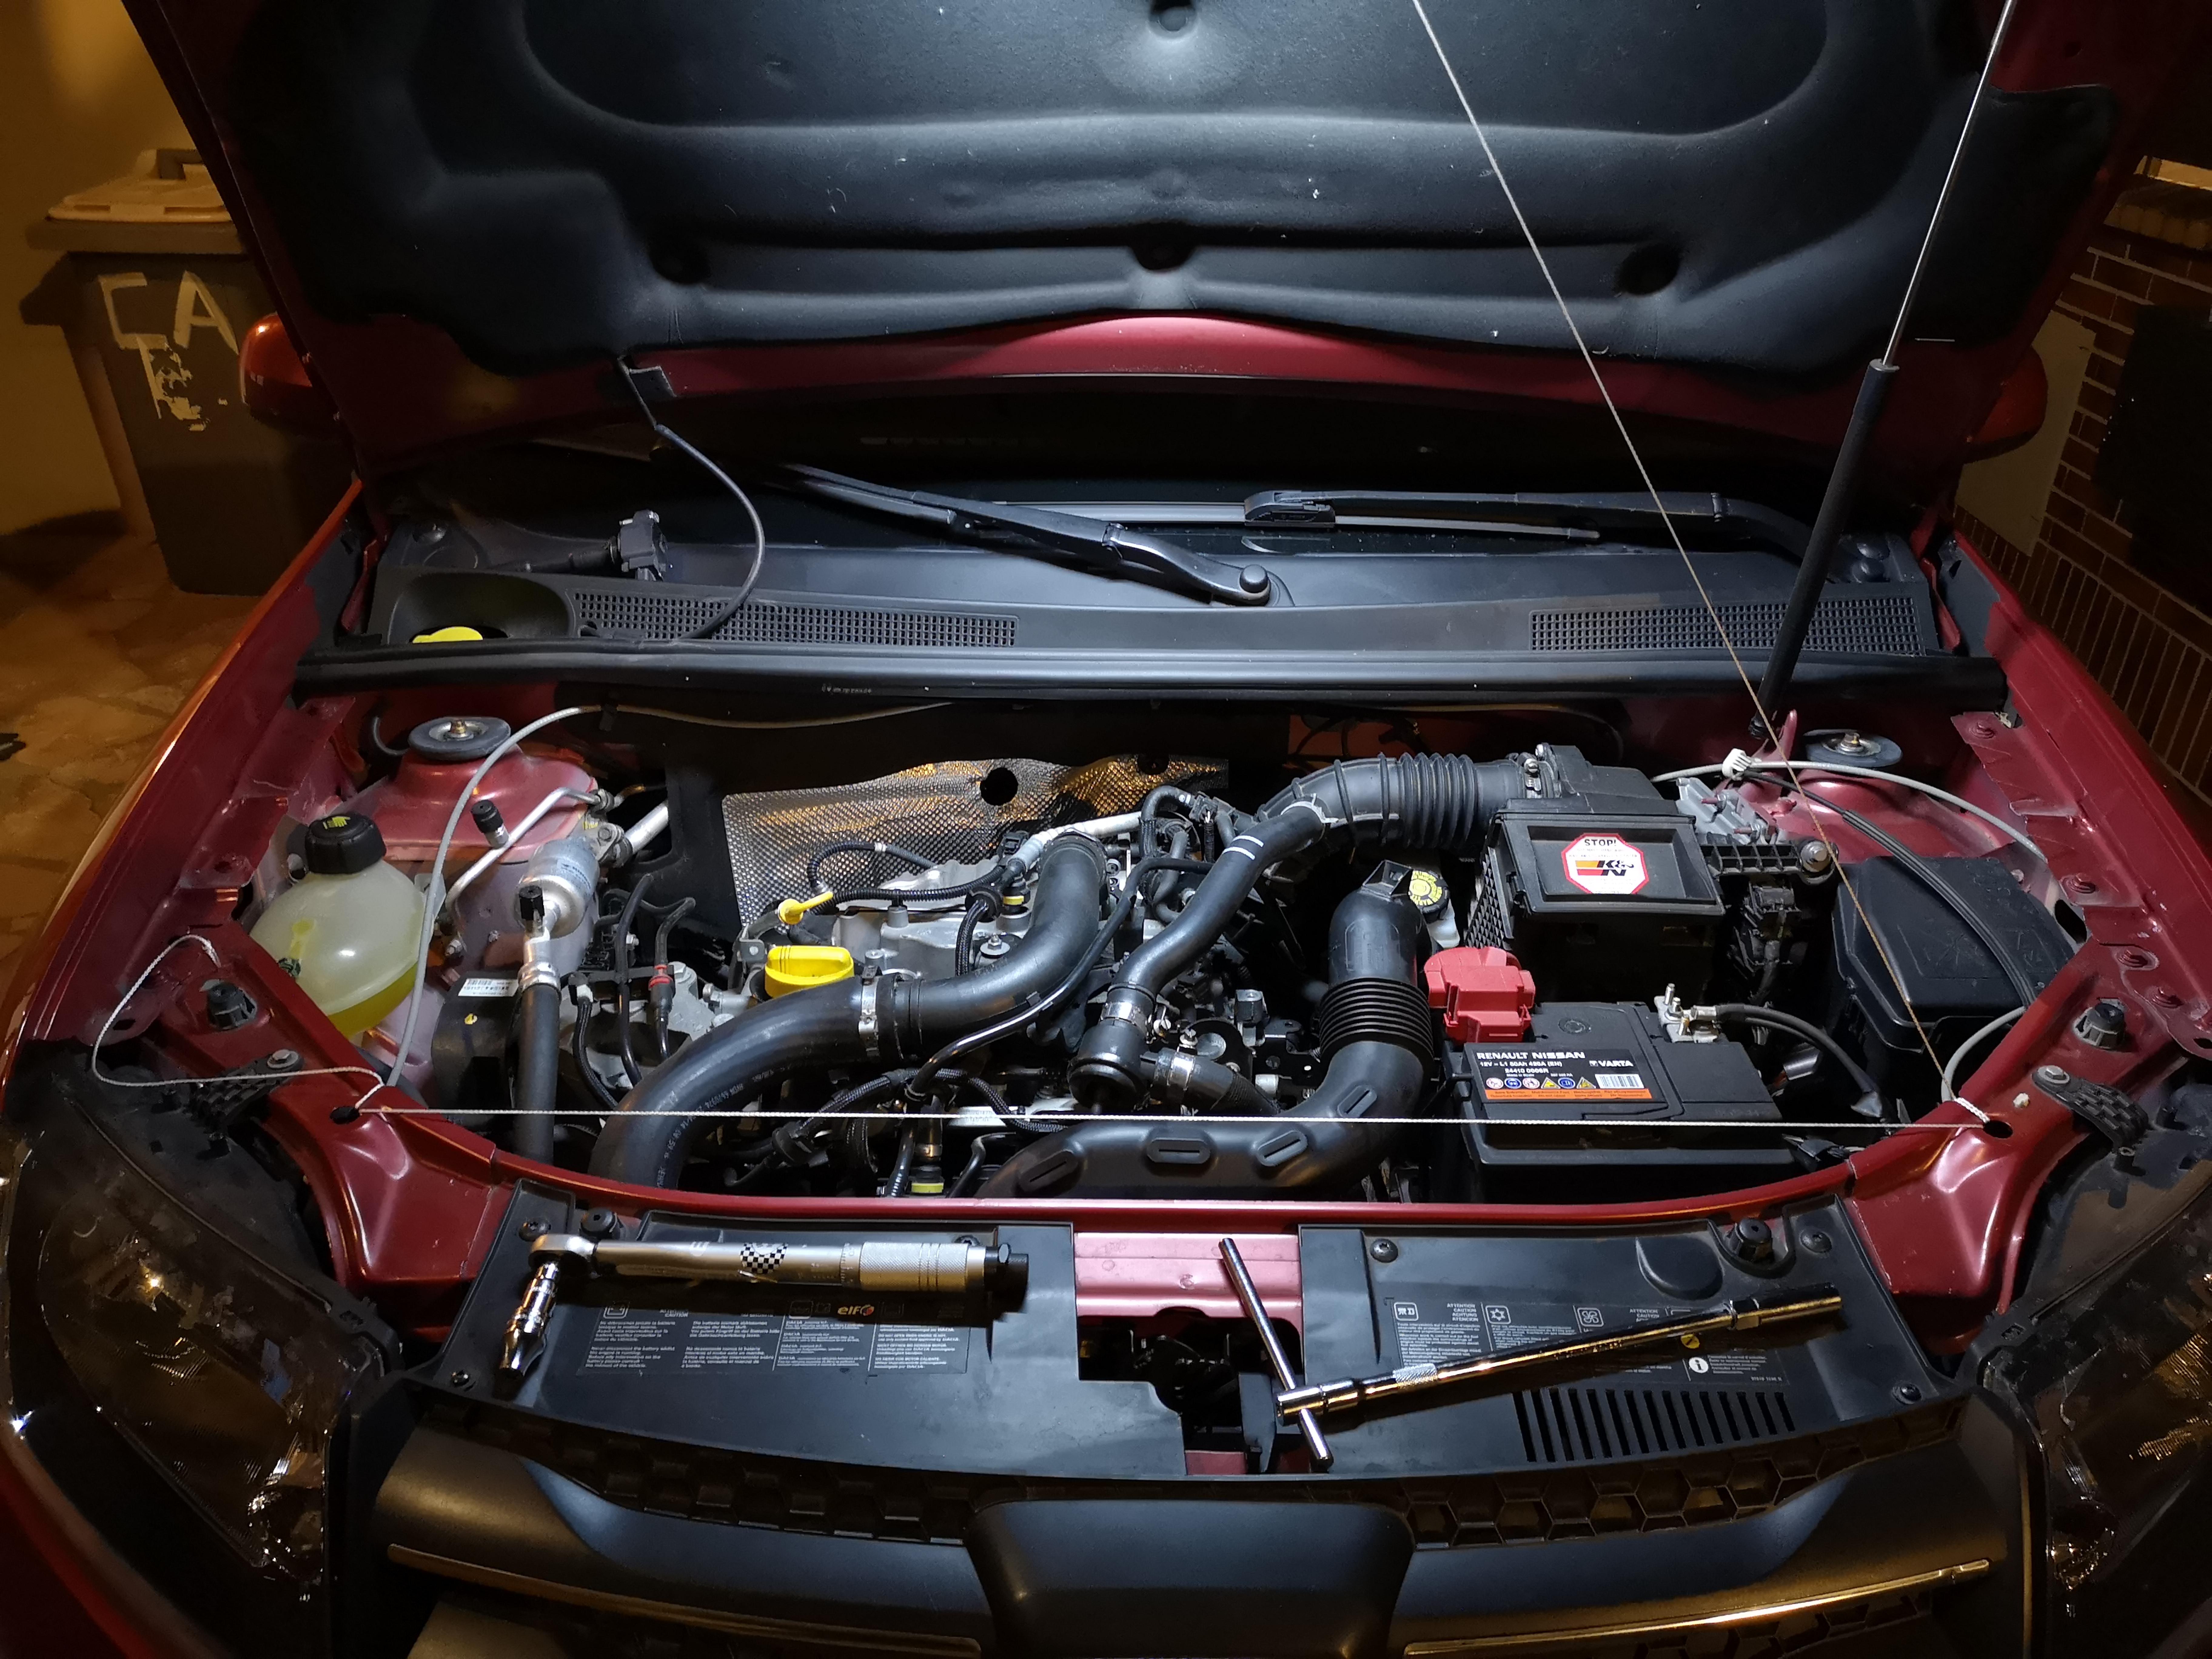 Walnut Auto – L'Automobile une Passion.